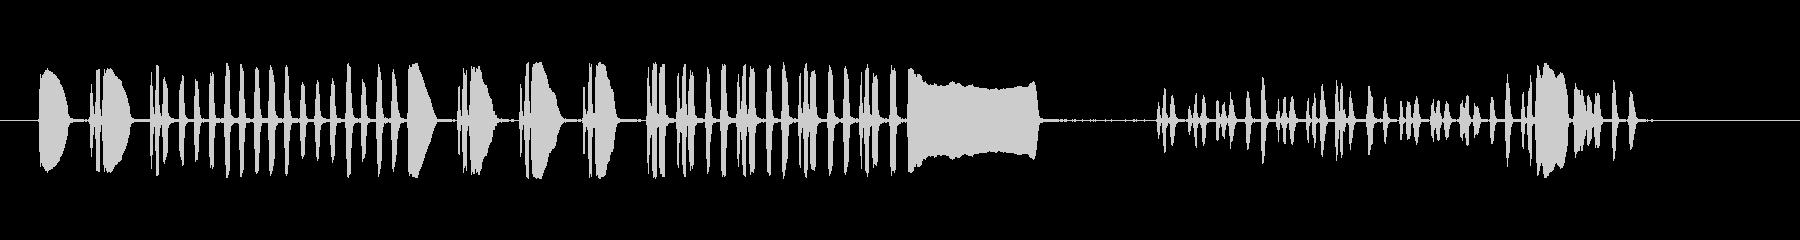 ビューグルウィリアムテル-ビューグ...の未再生の波形